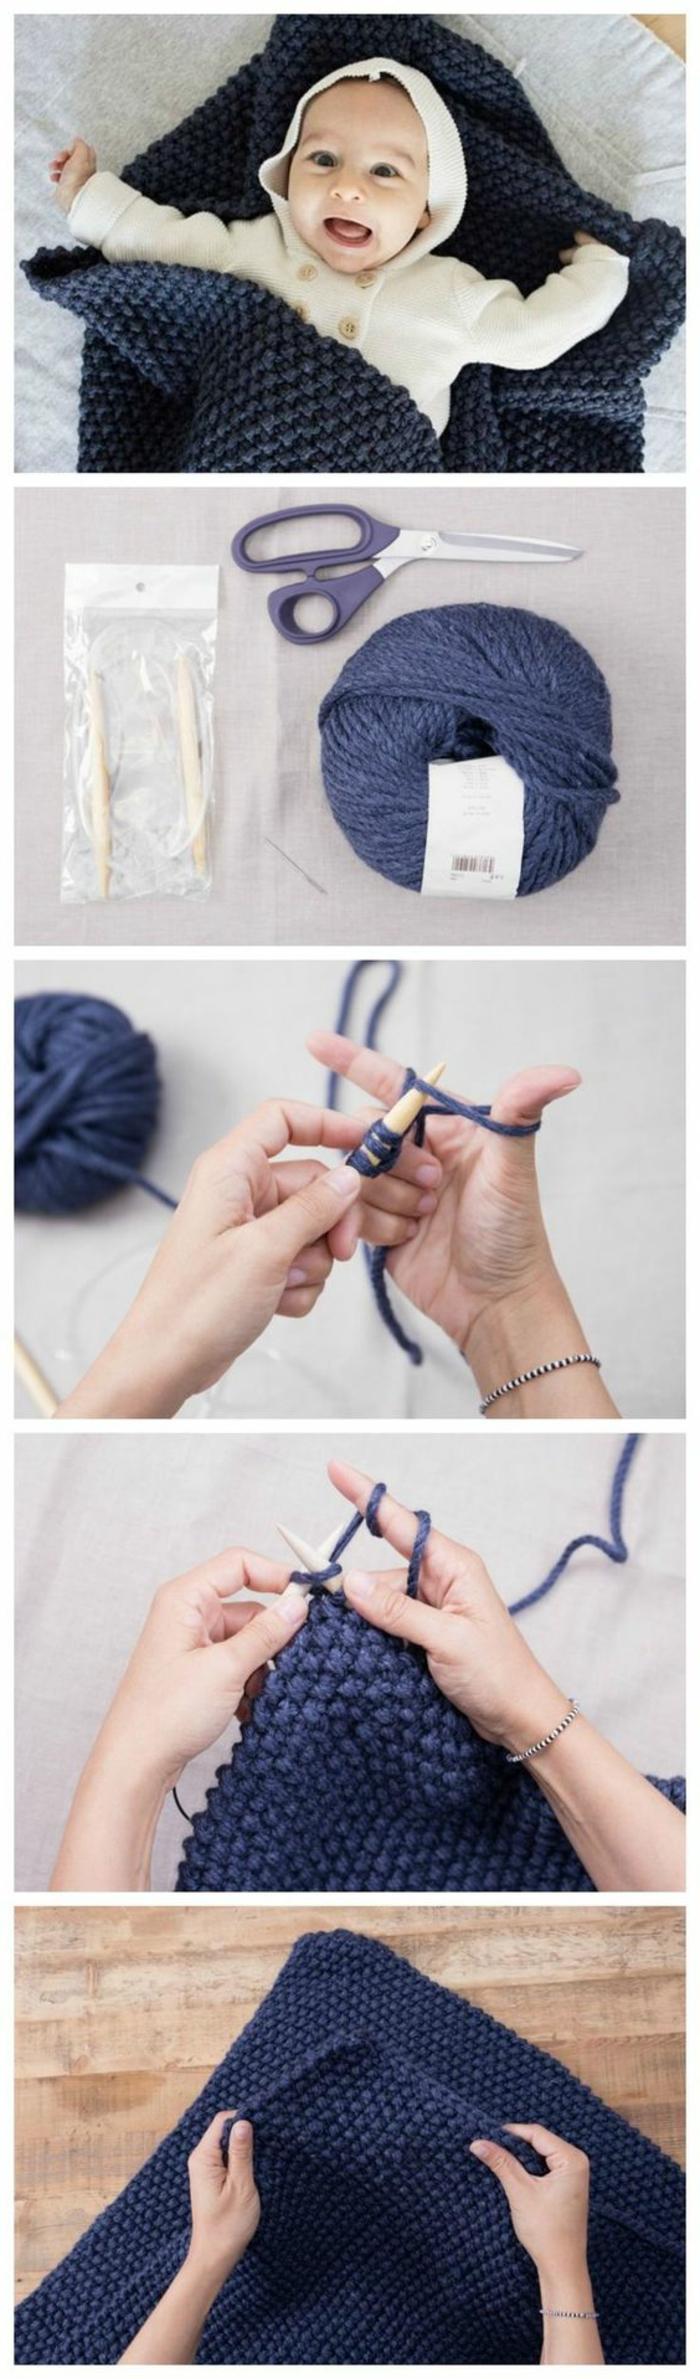 idea di oggetti fai da te casa, una coperta a triangolo realizzata a maglia per il bebé